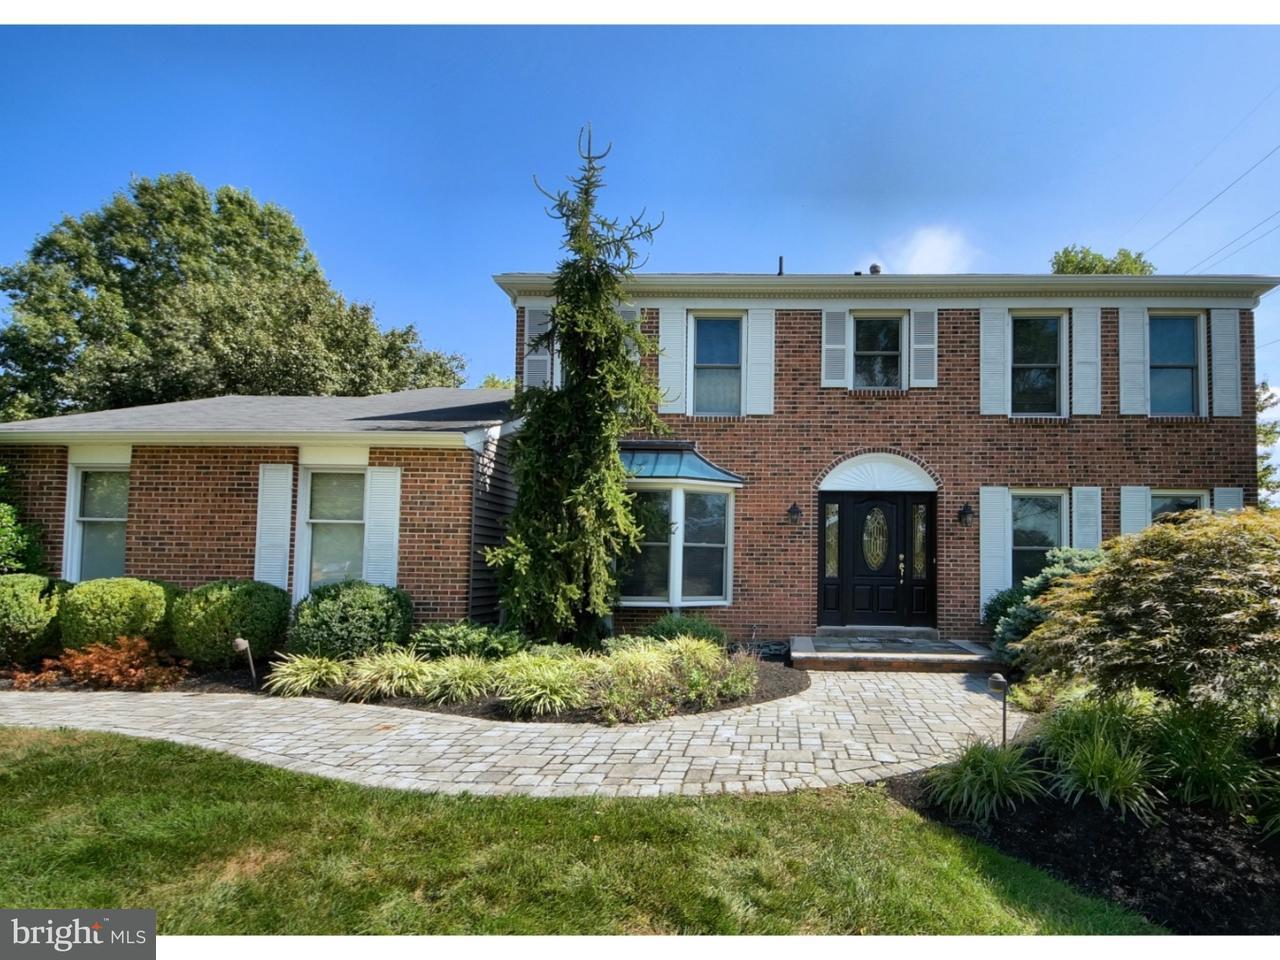 Casa Unifamiliar por un Venta en 26 MELVINA Drive Lawrence, Nueva Jersey 08648 Estados UnidosEn/Alrededor: Lawrence Township